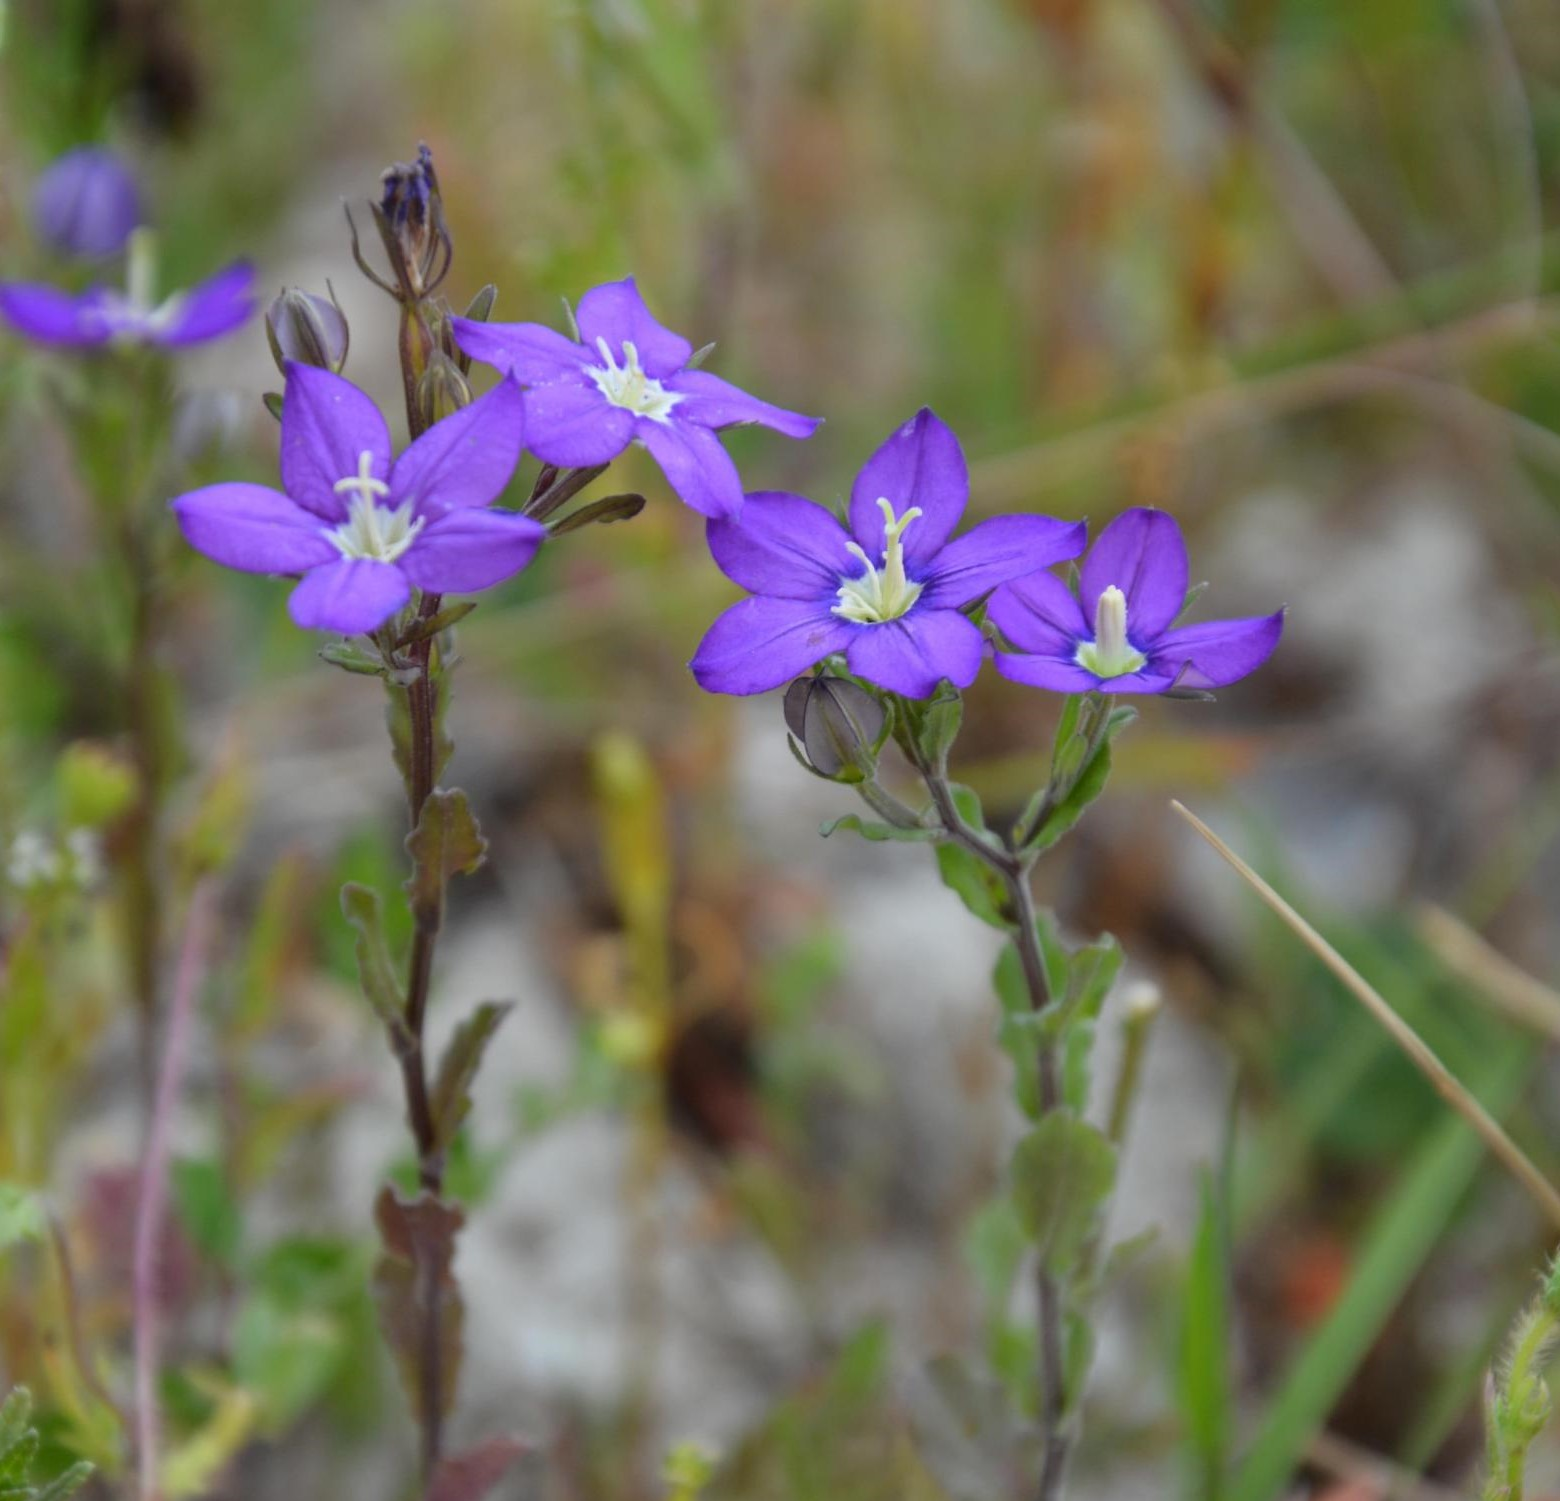 La liste des plantes messicoles de Normandie est en ligne